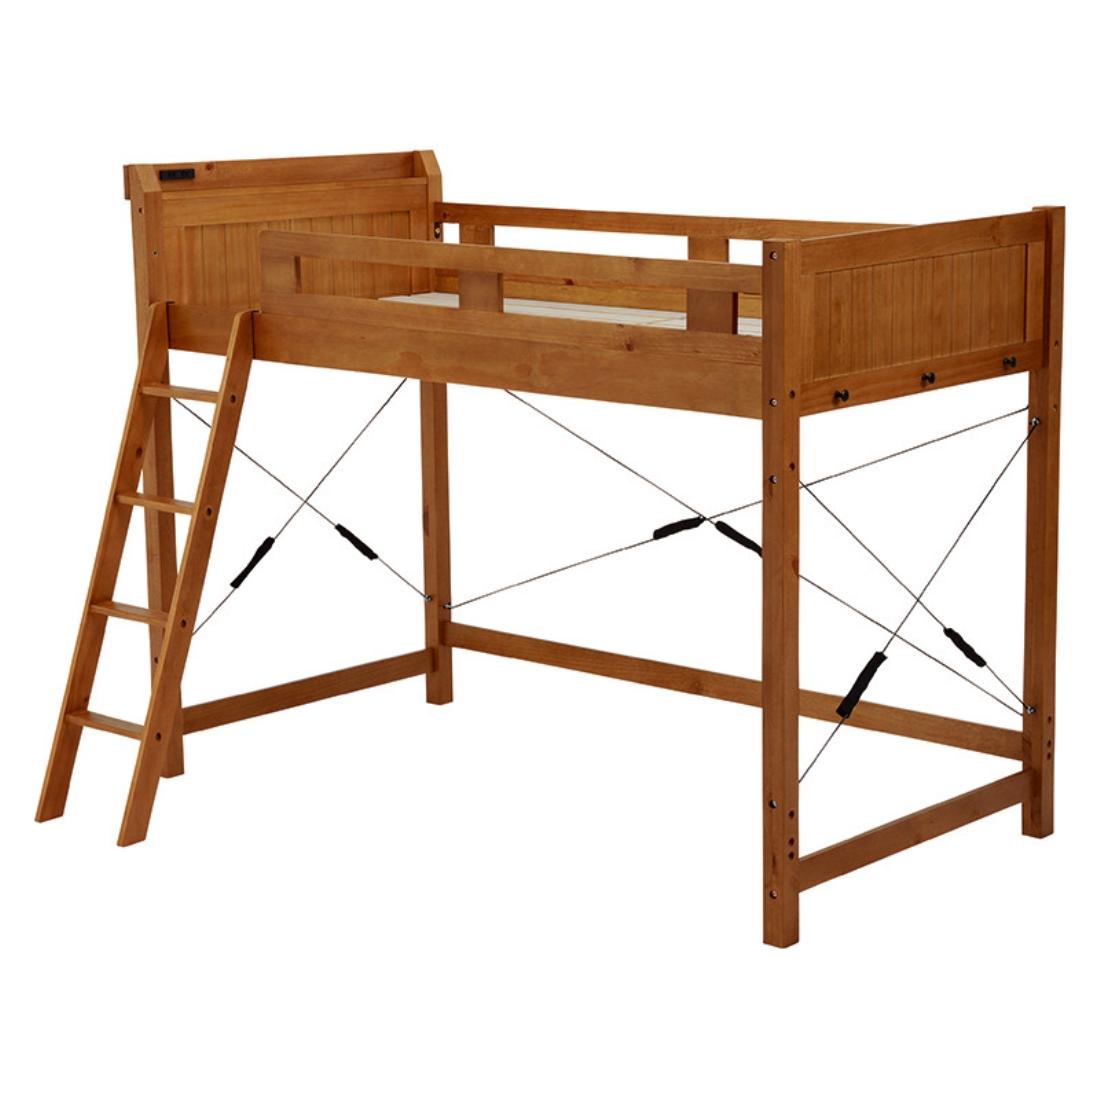 送料無料 オシャレ 家具 ロフトベッド 一人暮らし ベッド 寝具 ベット